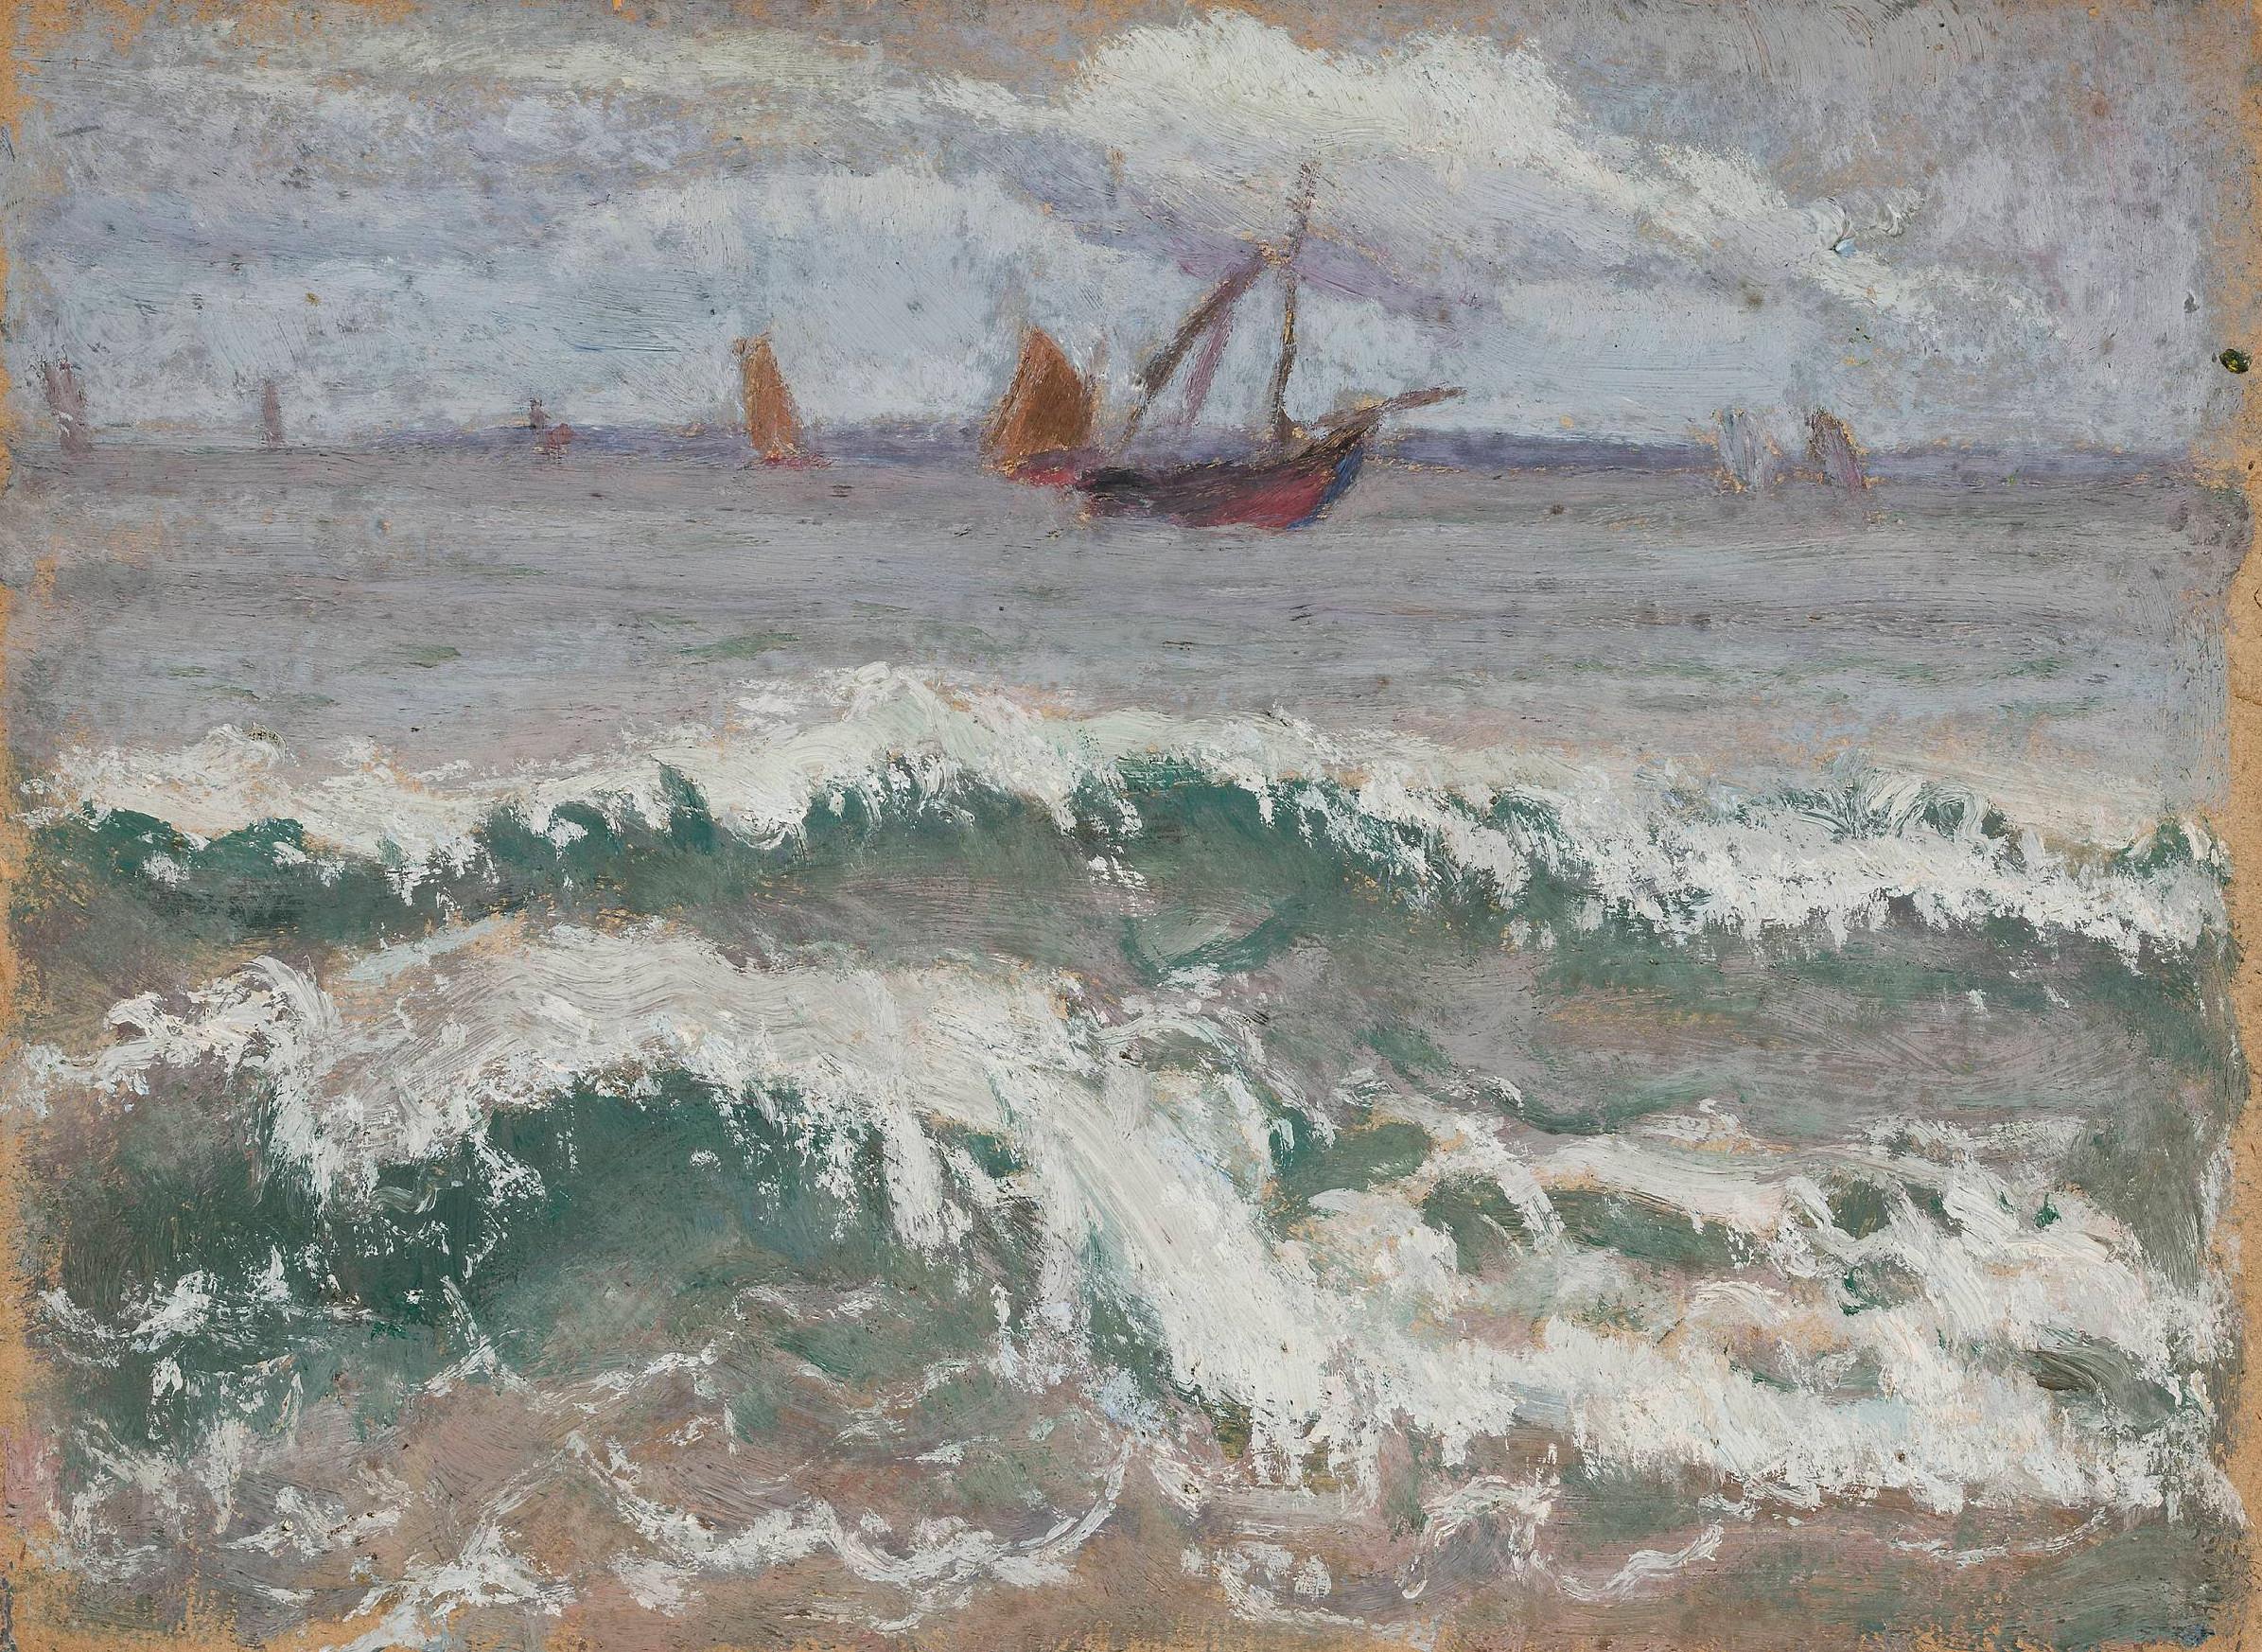 """Tadeusz Makowski (1882-1932) """"Wzburzone morze"""", ok. 1914 roku, źródło: Muzeum Narodowe w Warszawie"""